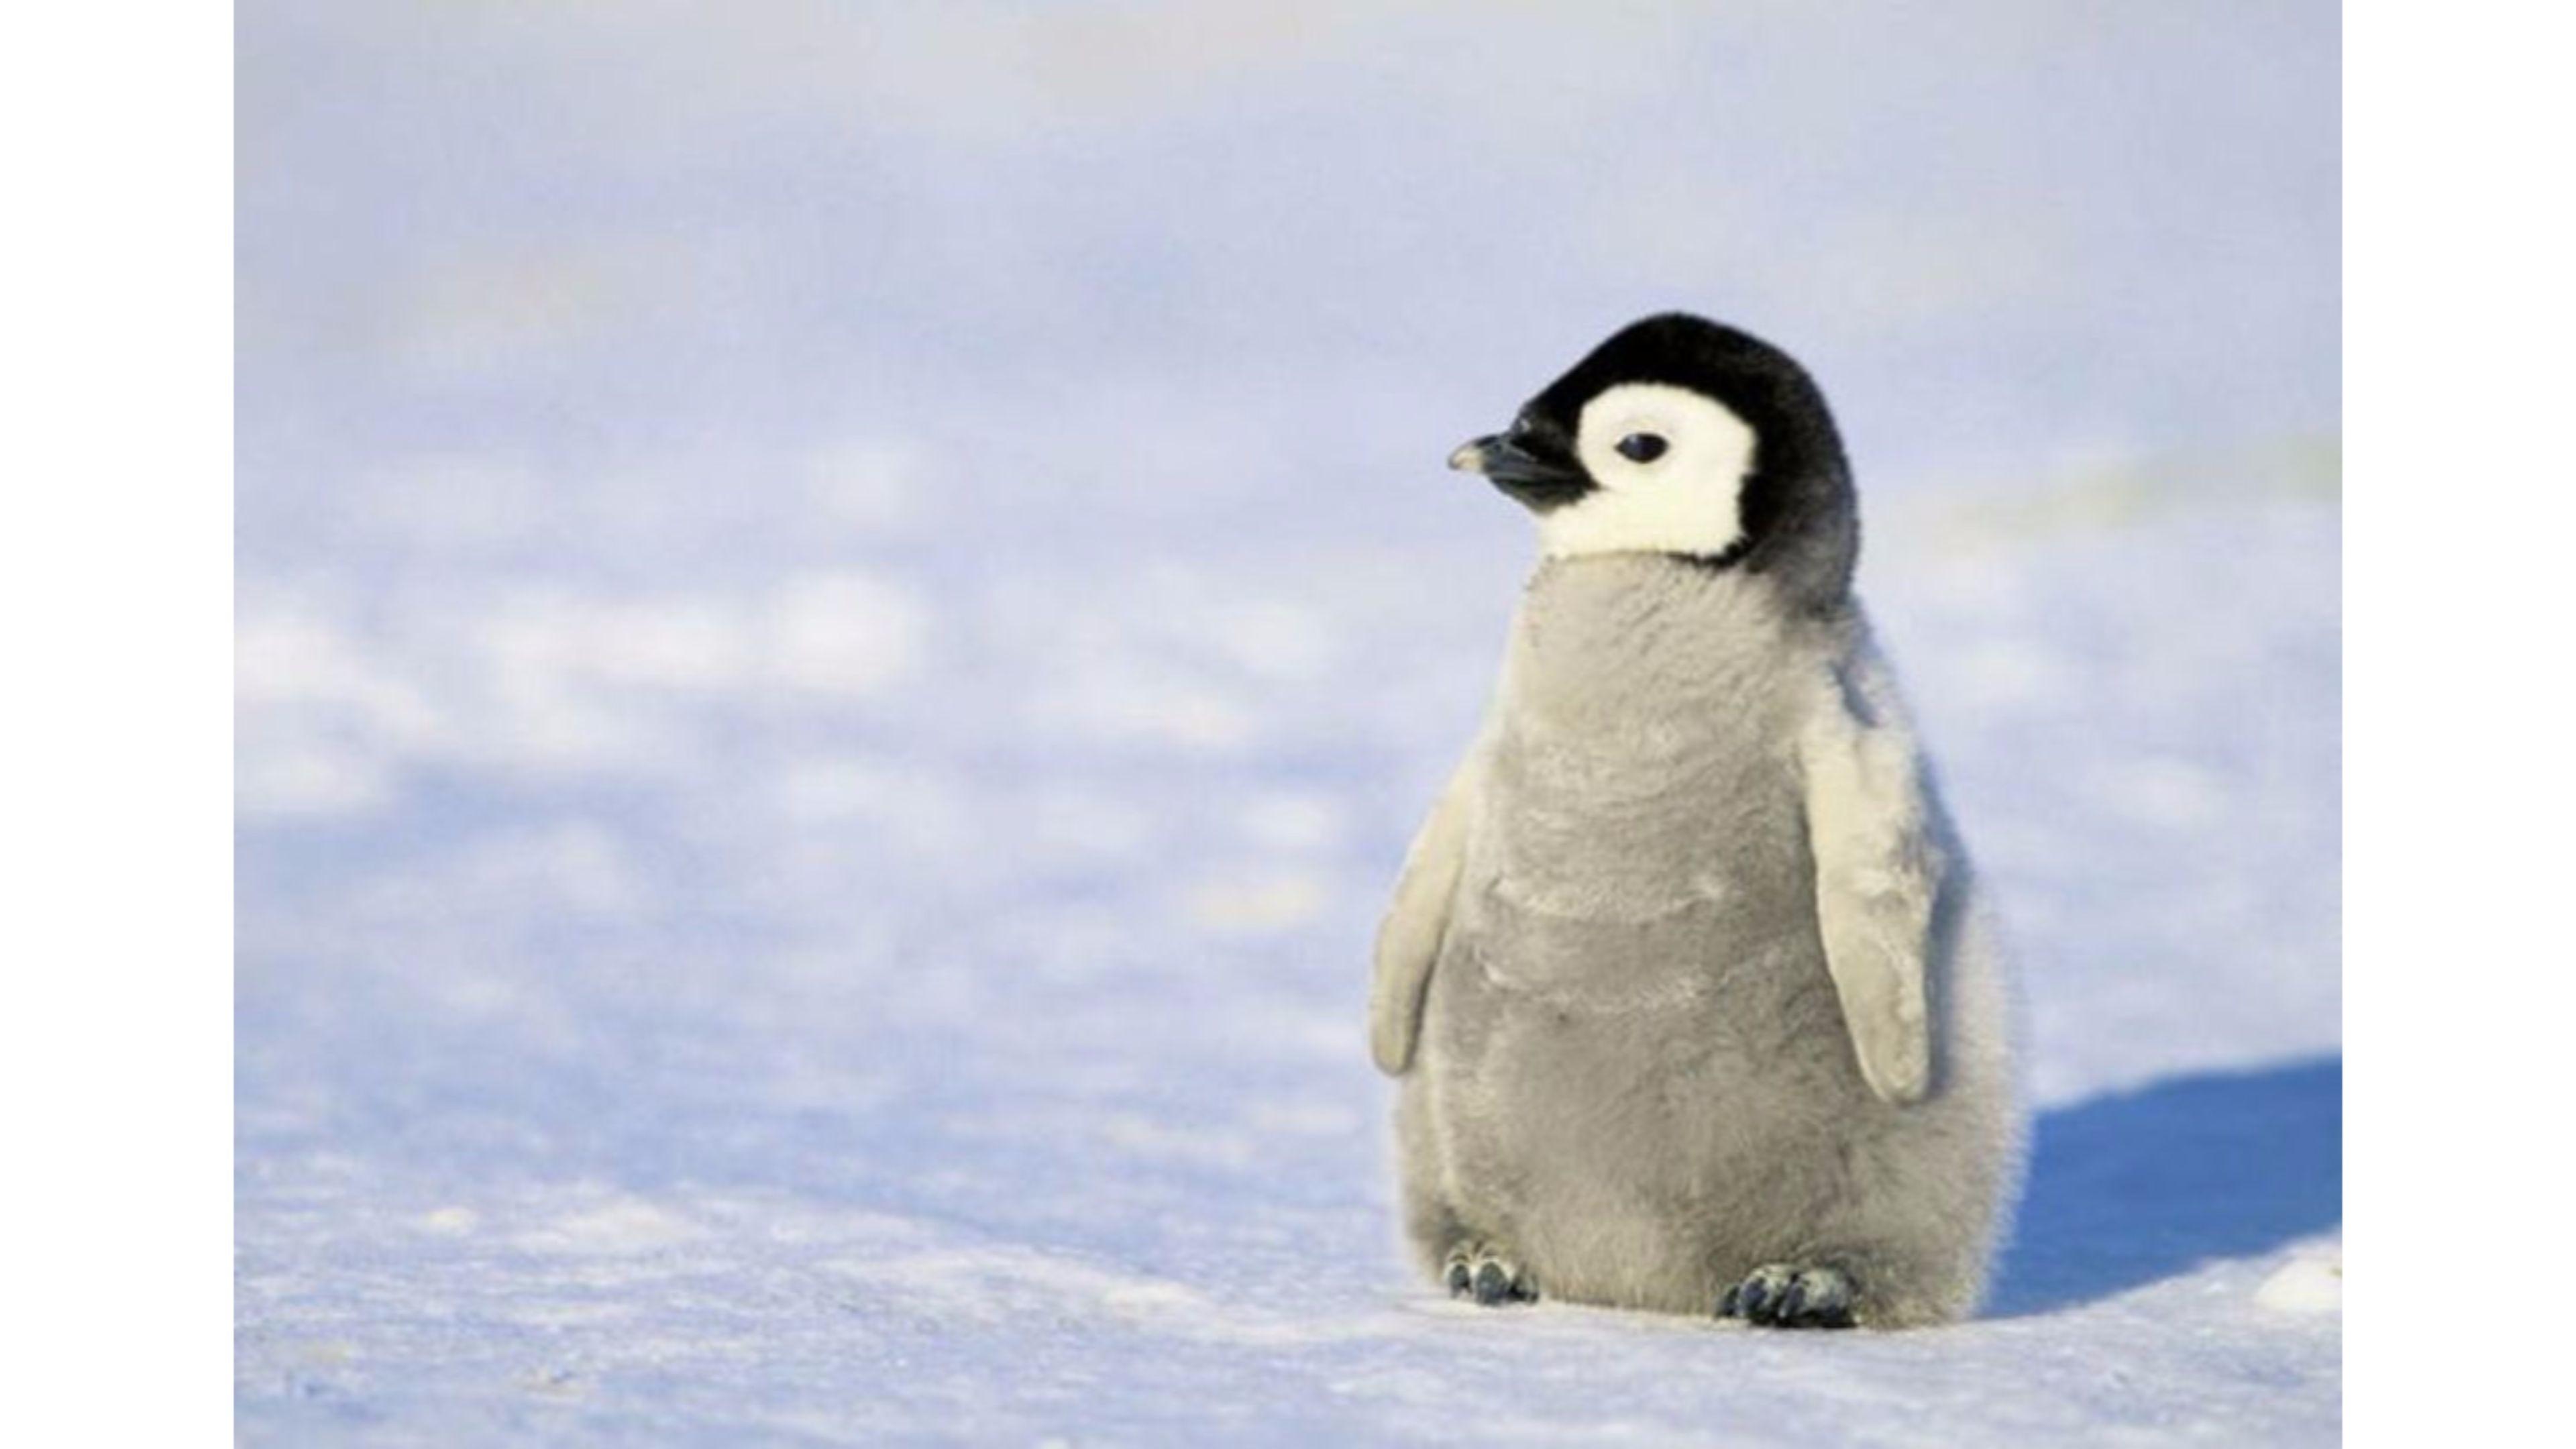 Baby Penguin 4K Wallpaper Free 4K Wallpaper – Free penguin wallpaper